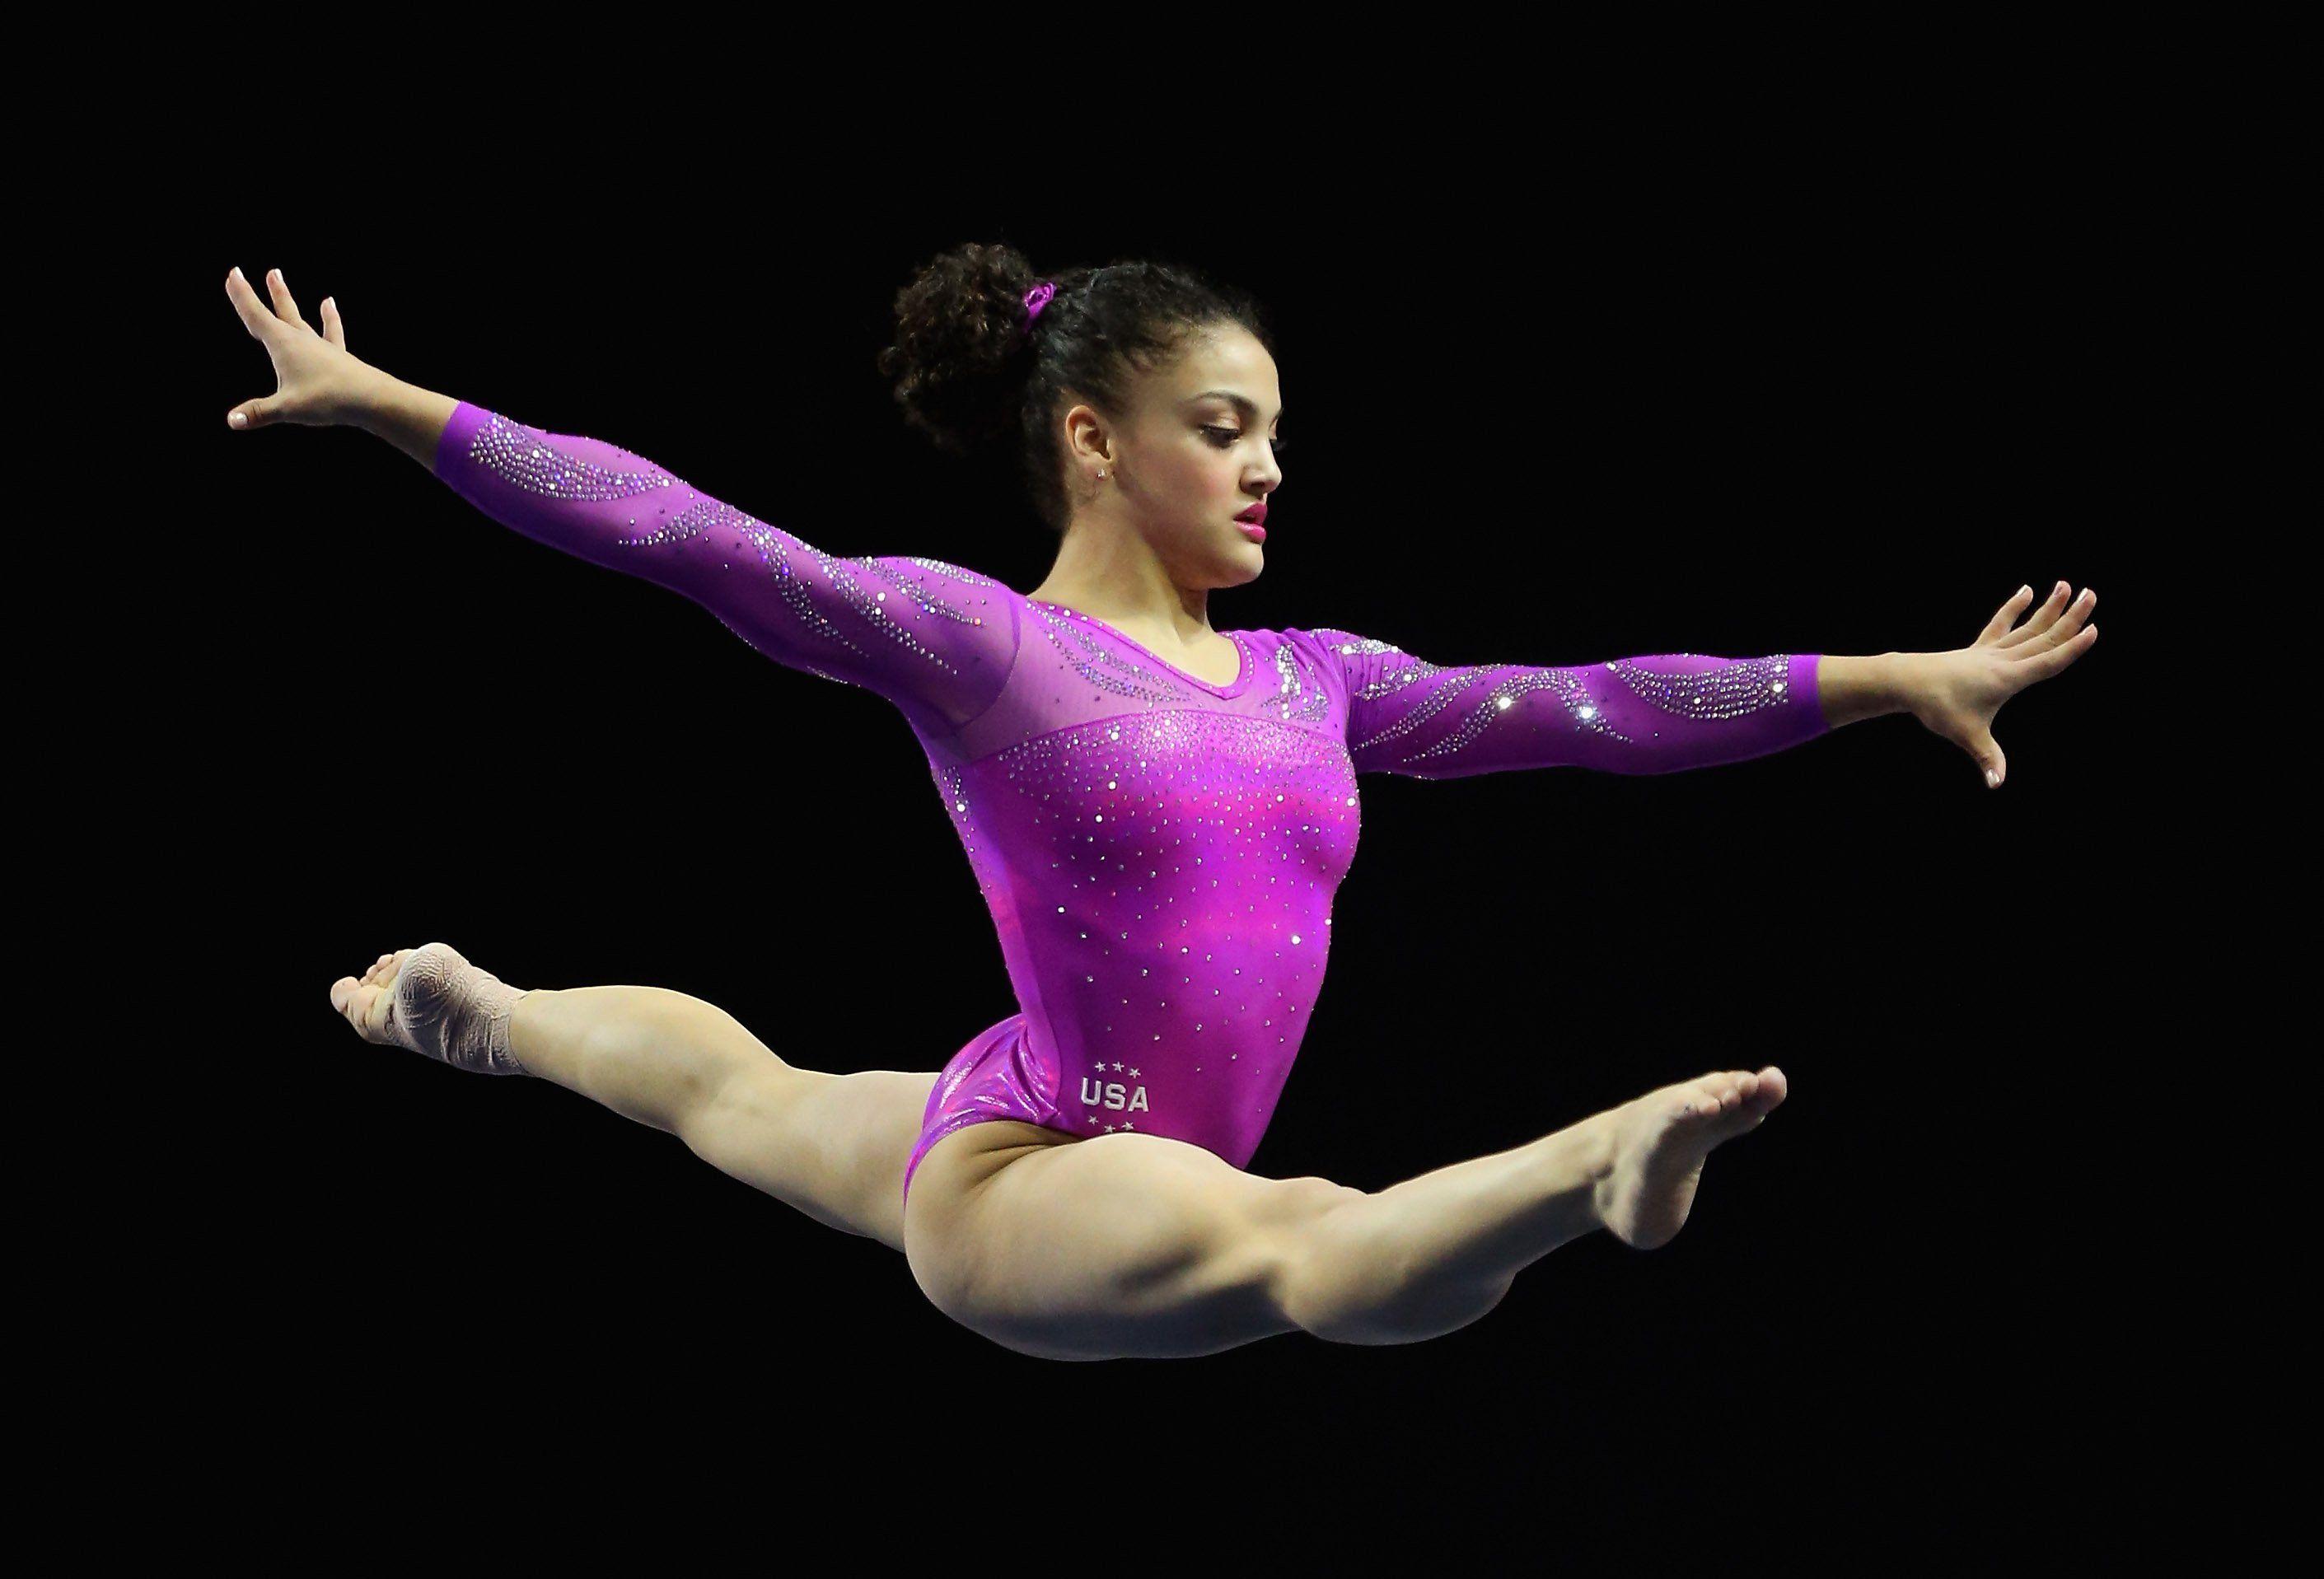 Laurie Hernandez Laurie Hernandez Female Gymnast Gymnastics